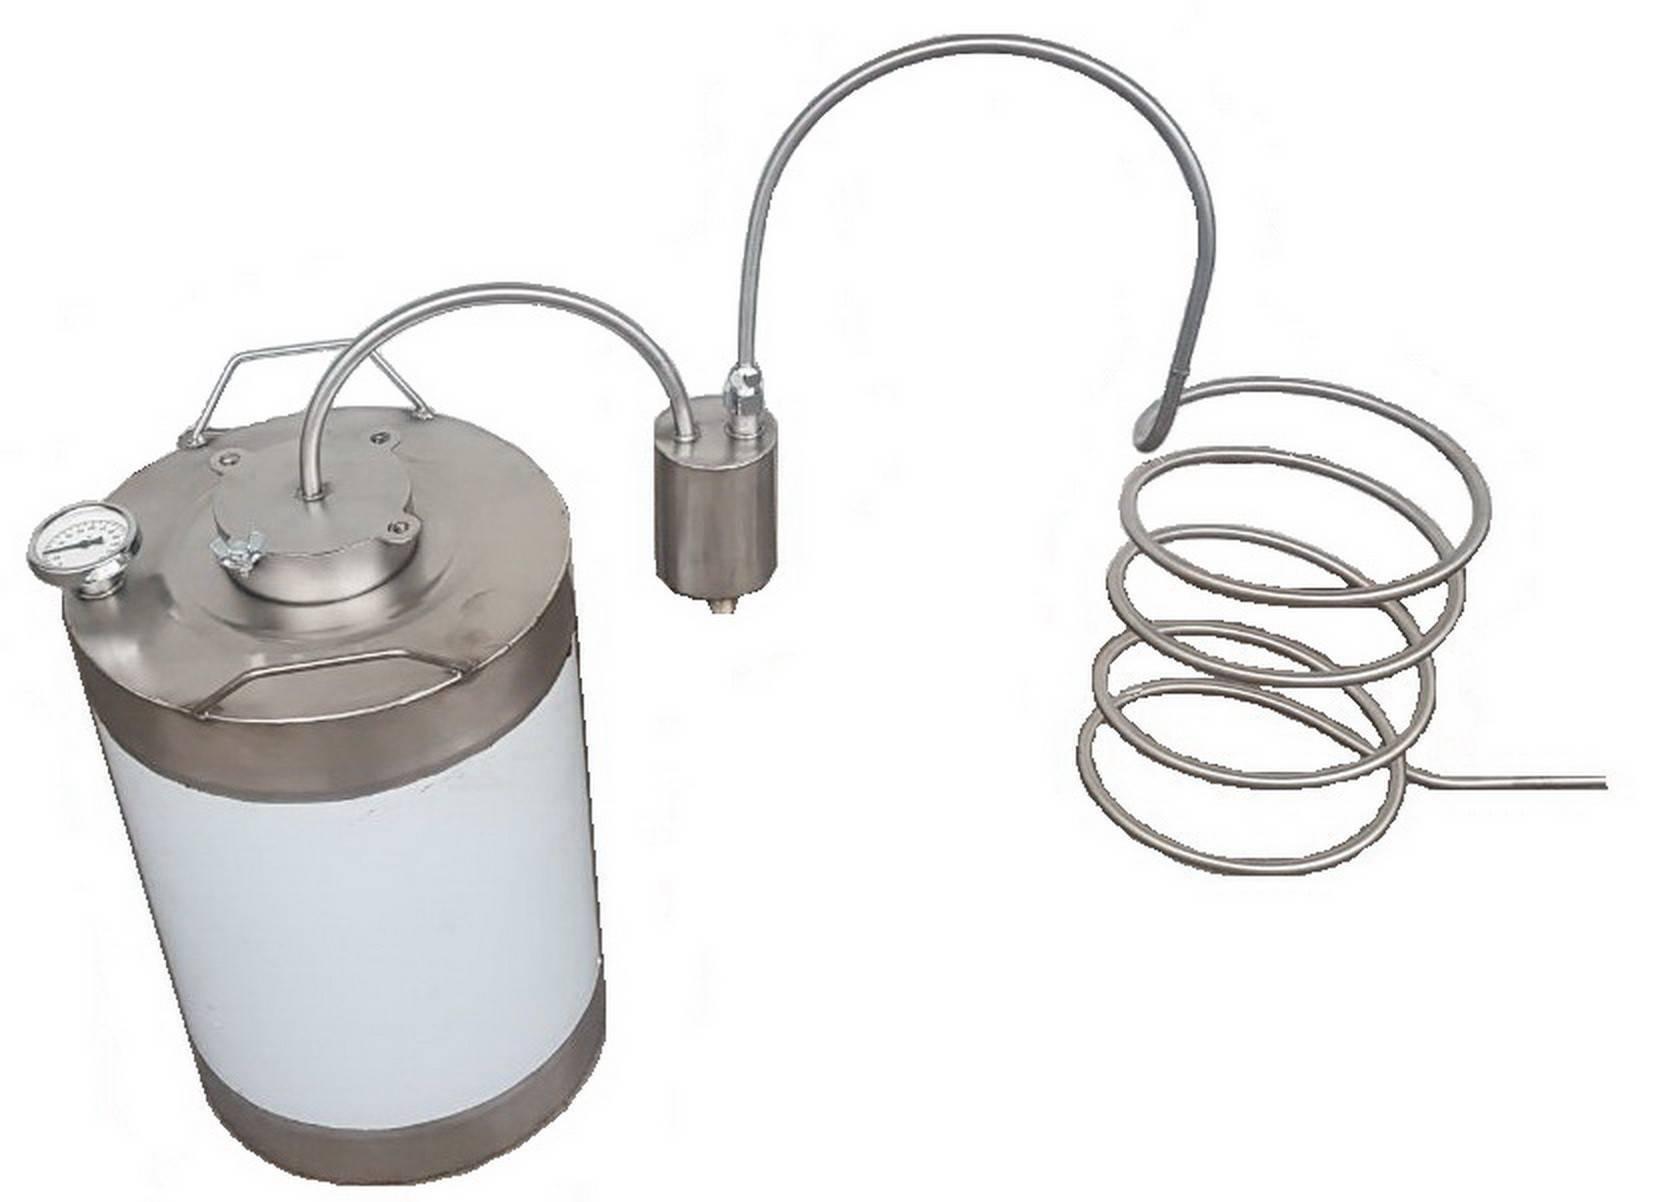 Самогонный аппарат без проточной воды: особенности, устройство и рекомендации